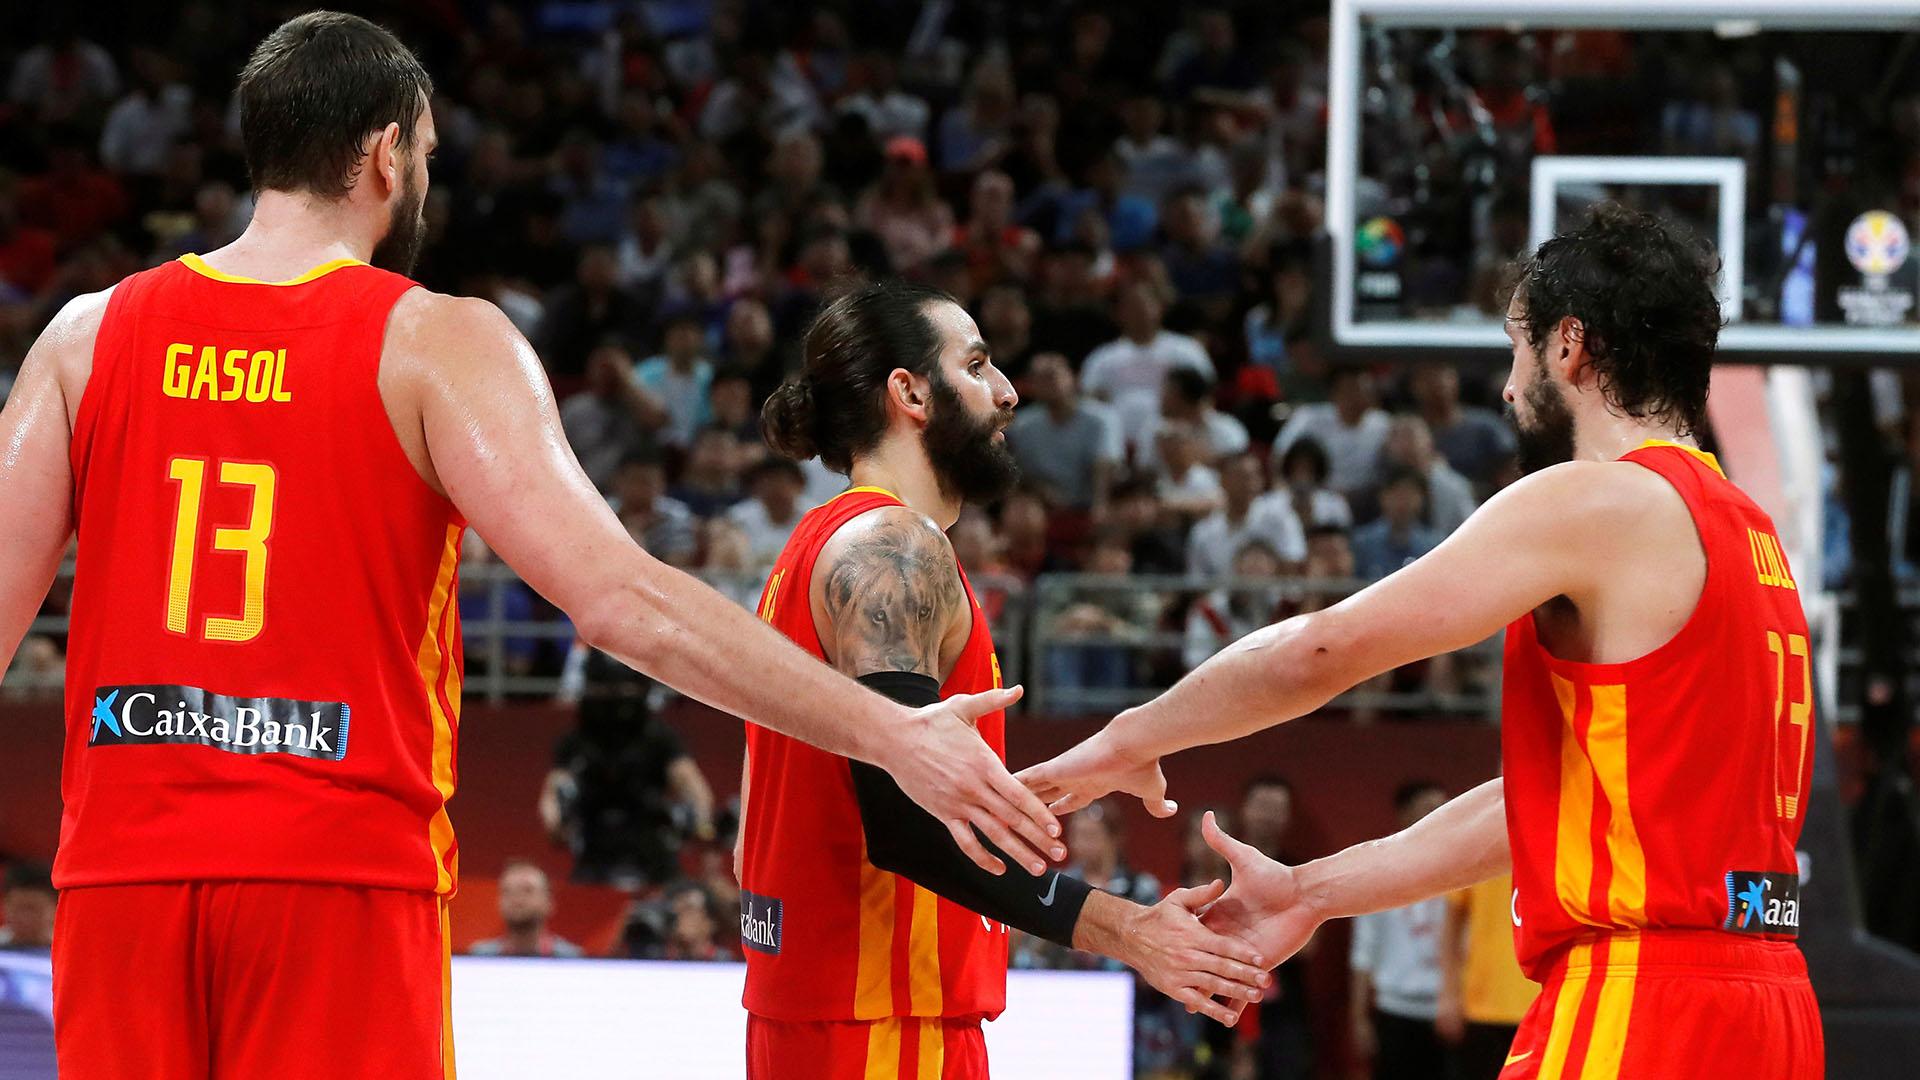 Gassoly su doblete. Fue campeón en la NBA con los Toronto Raptors y en China se coronó campeón del mundo con la selección española.(EFE)